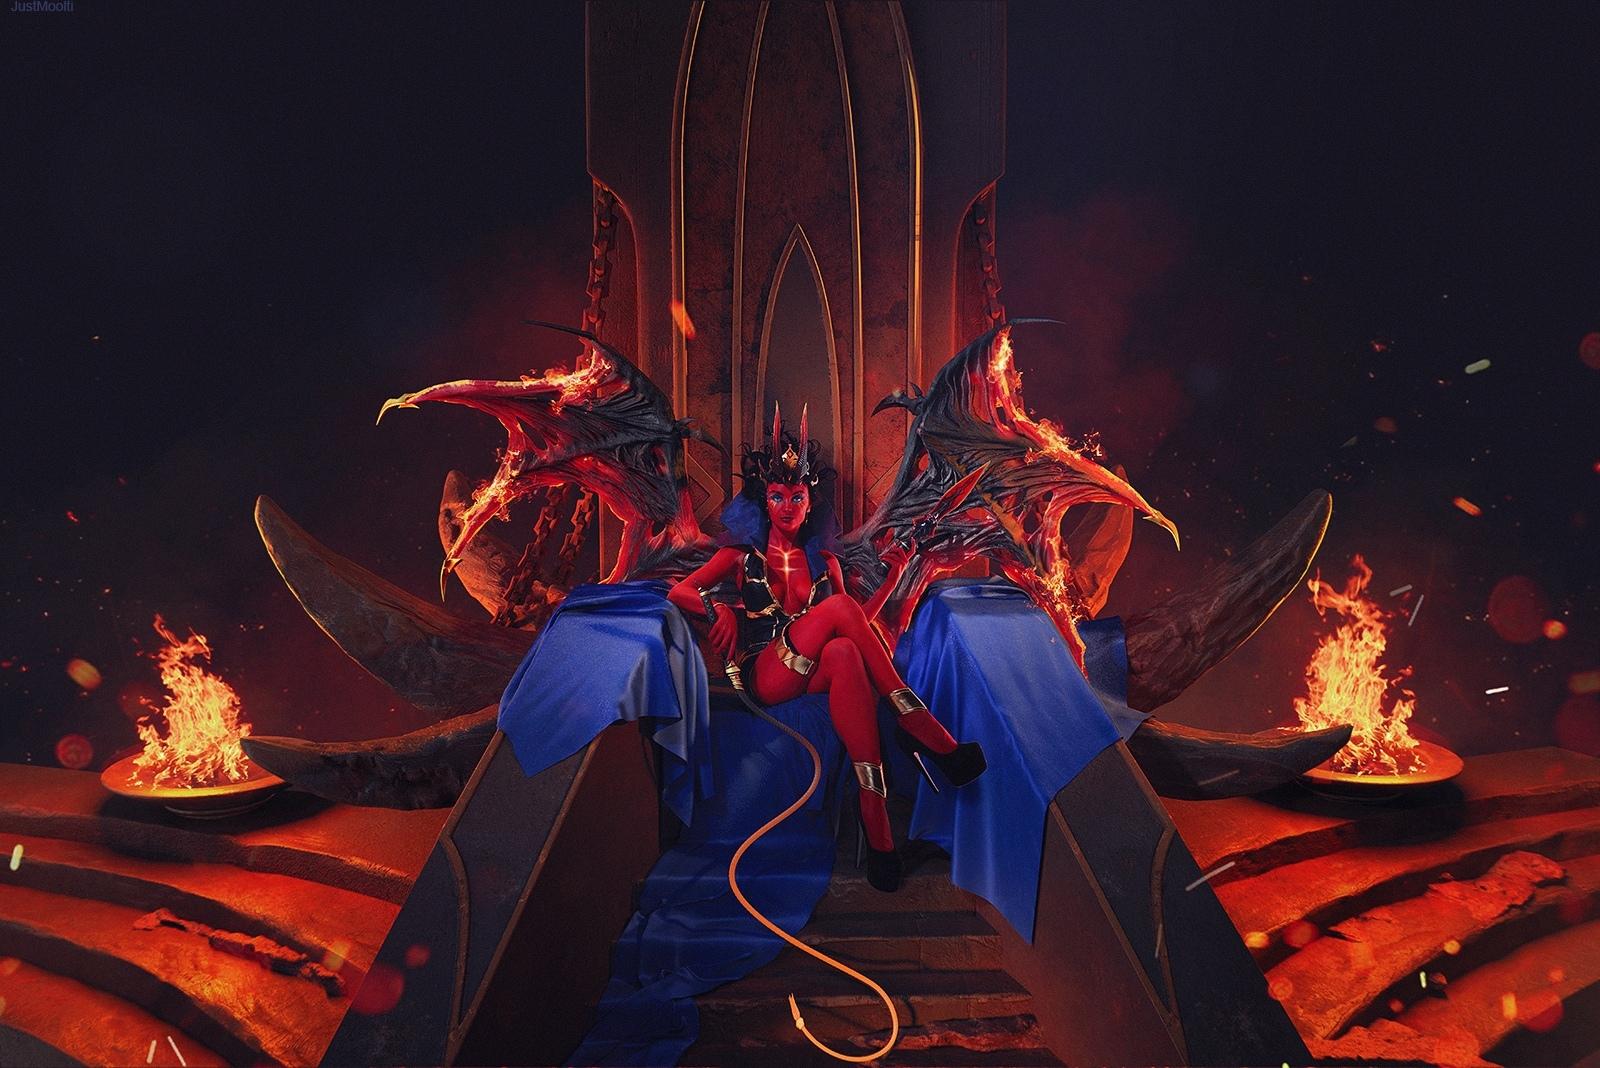 Фото Девушка в костюме демона сидит на синей ткани на троне среди огня